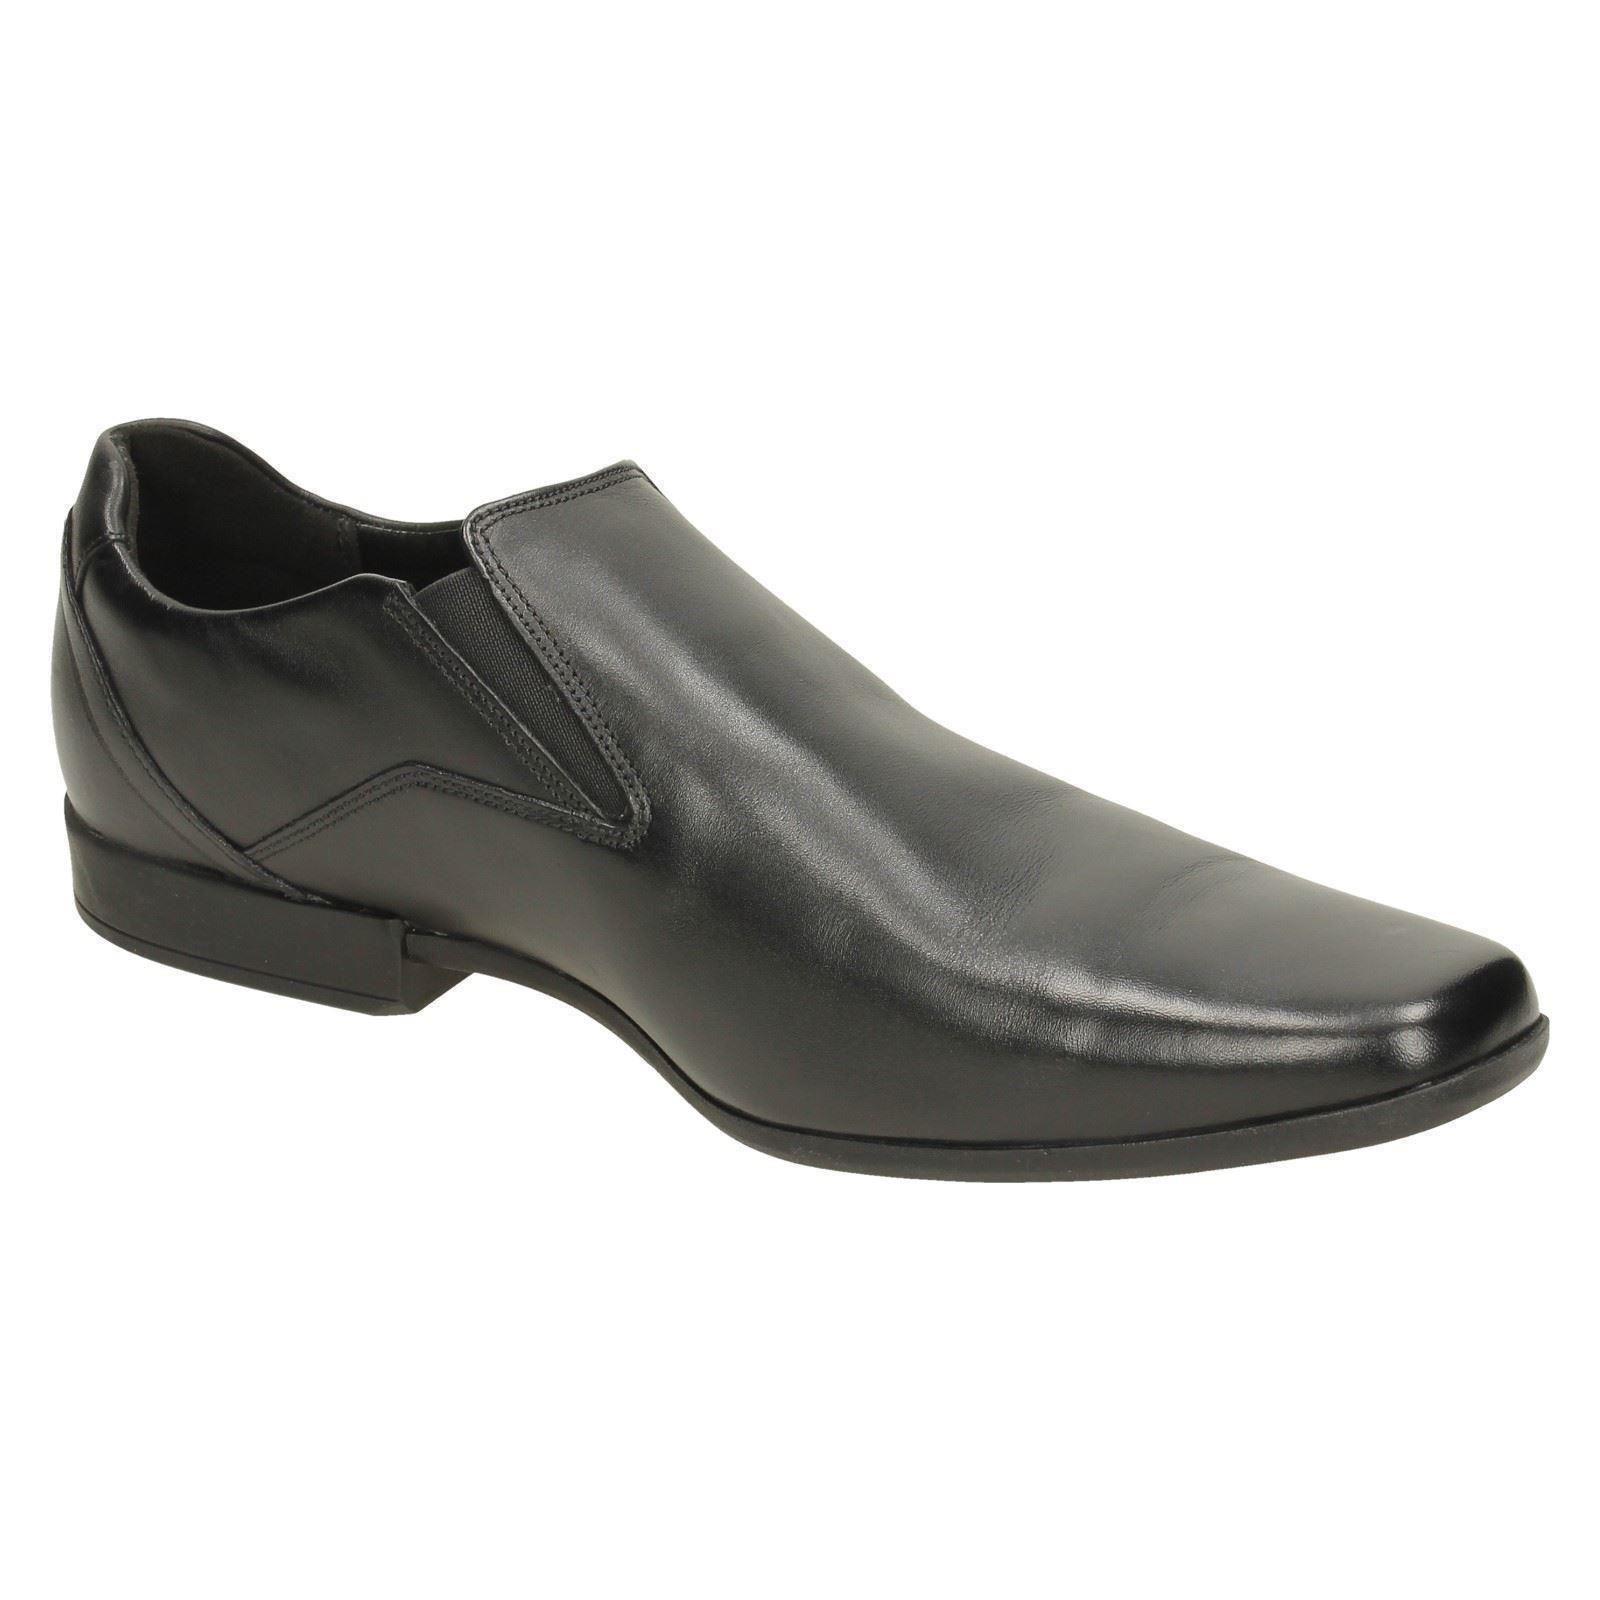 Men's Clarks Formal Slip On Shoes Label - Glement Slip